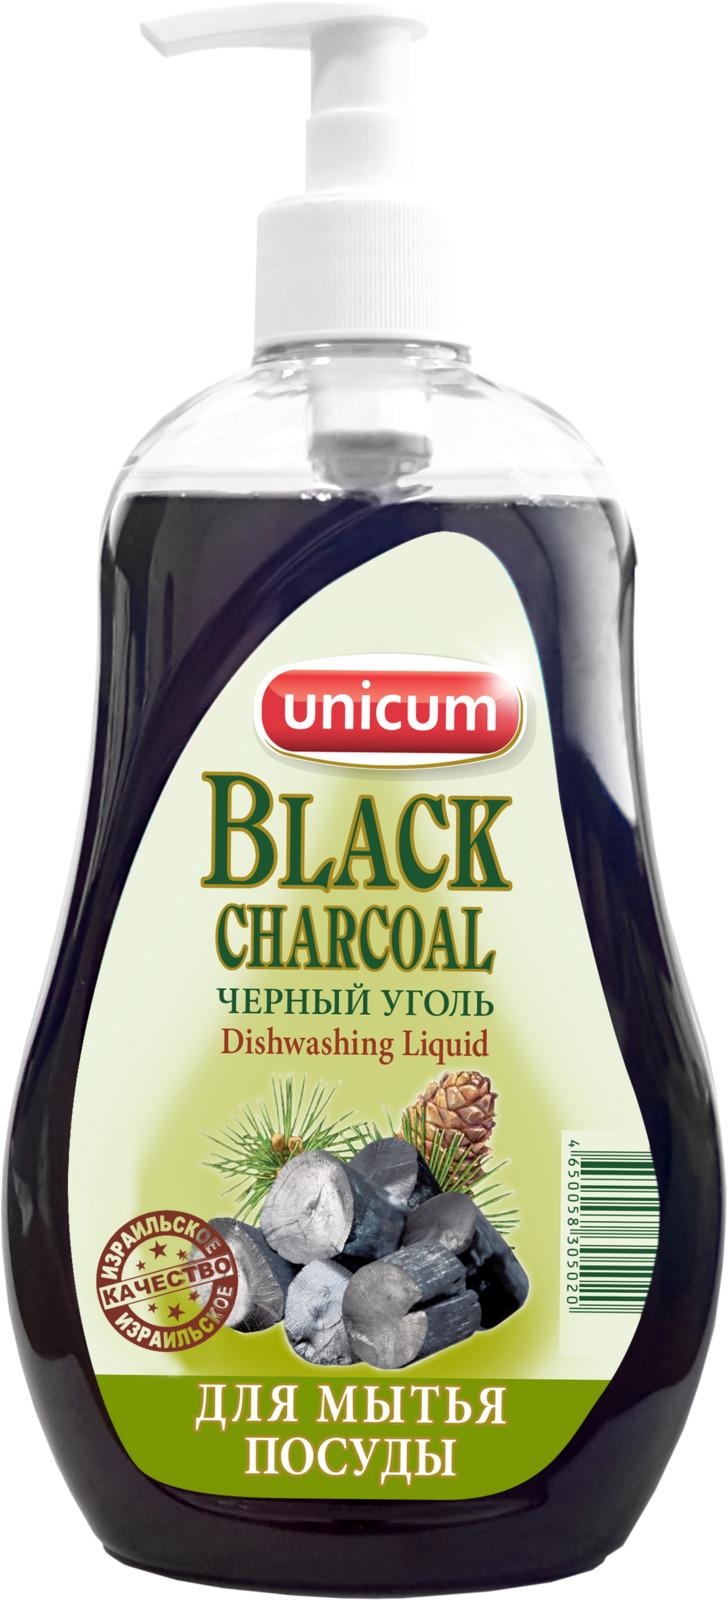 Средство для мытья посуды Unicum Черный уголь, 550 мл бытовая химия unicum средство для мытья посуды бережная энергия 550 мл